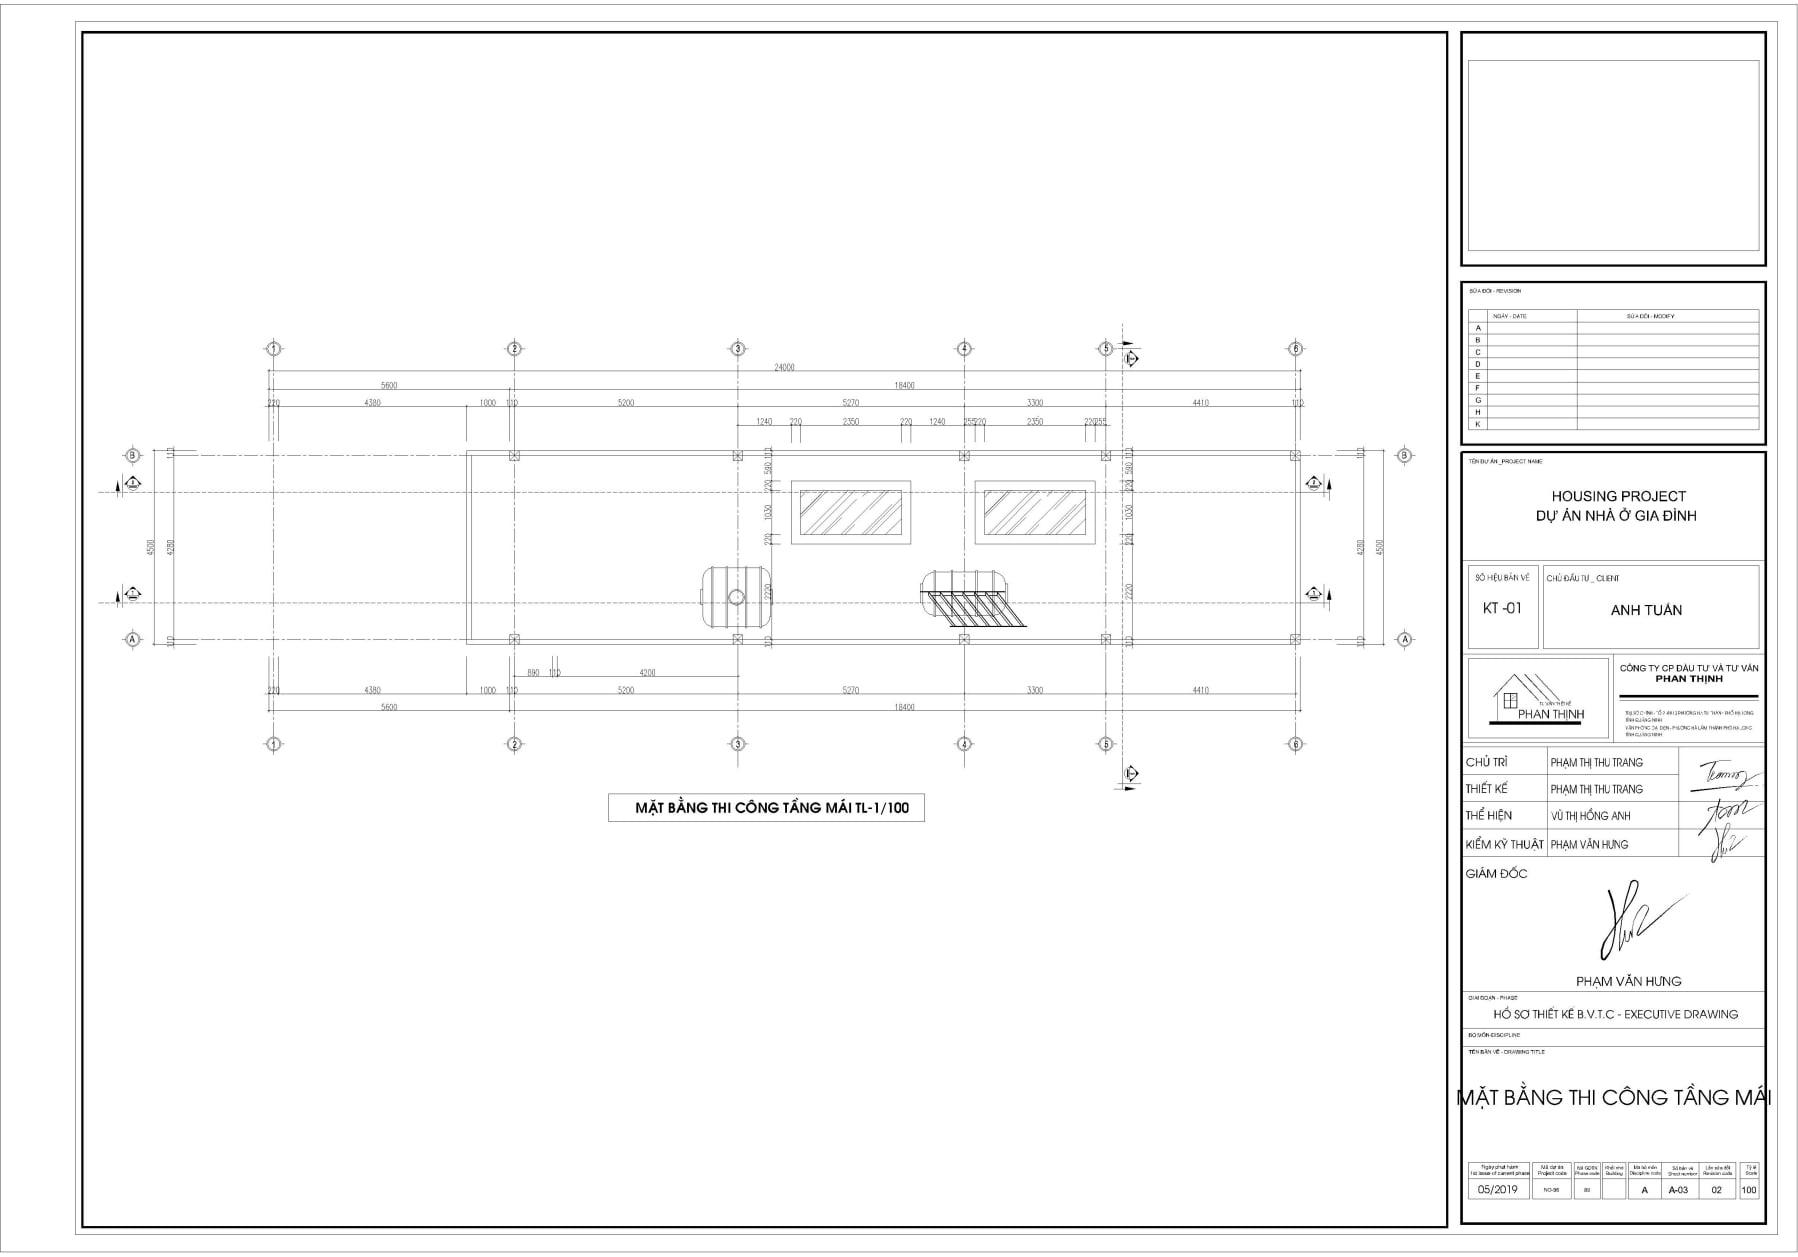 Bản vẽ thiết kế mặt bằng thi công tường xây tại tầng mái